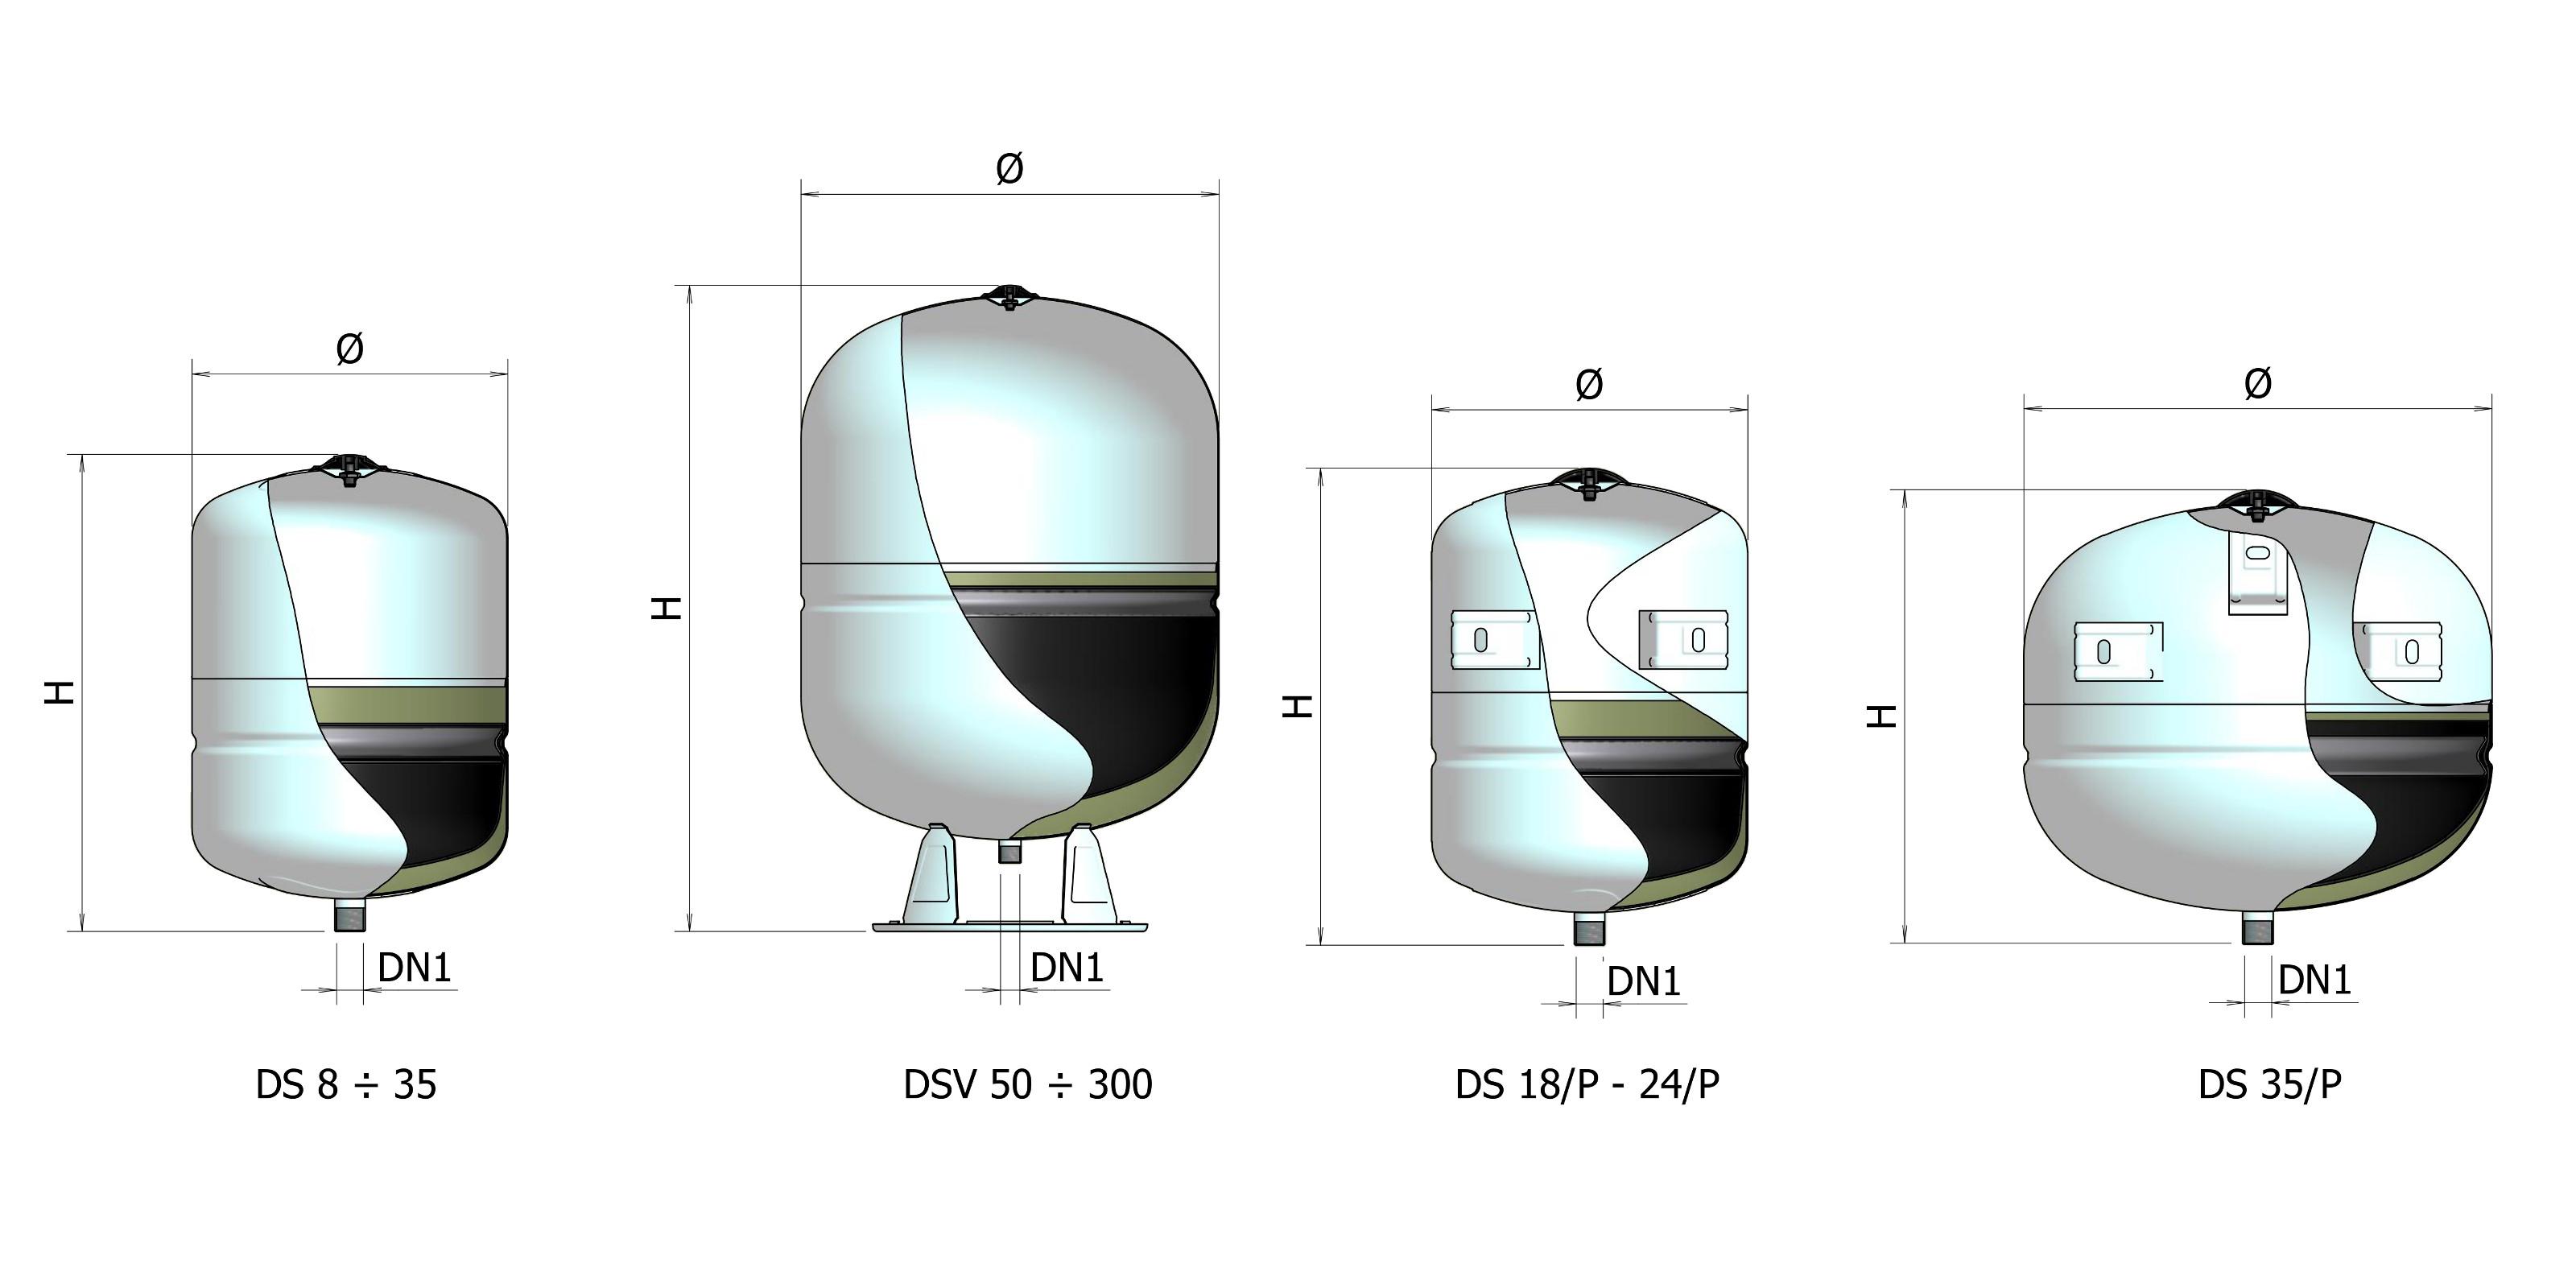 Ds elbi termoidraulica for Vasi di espansione a membrana